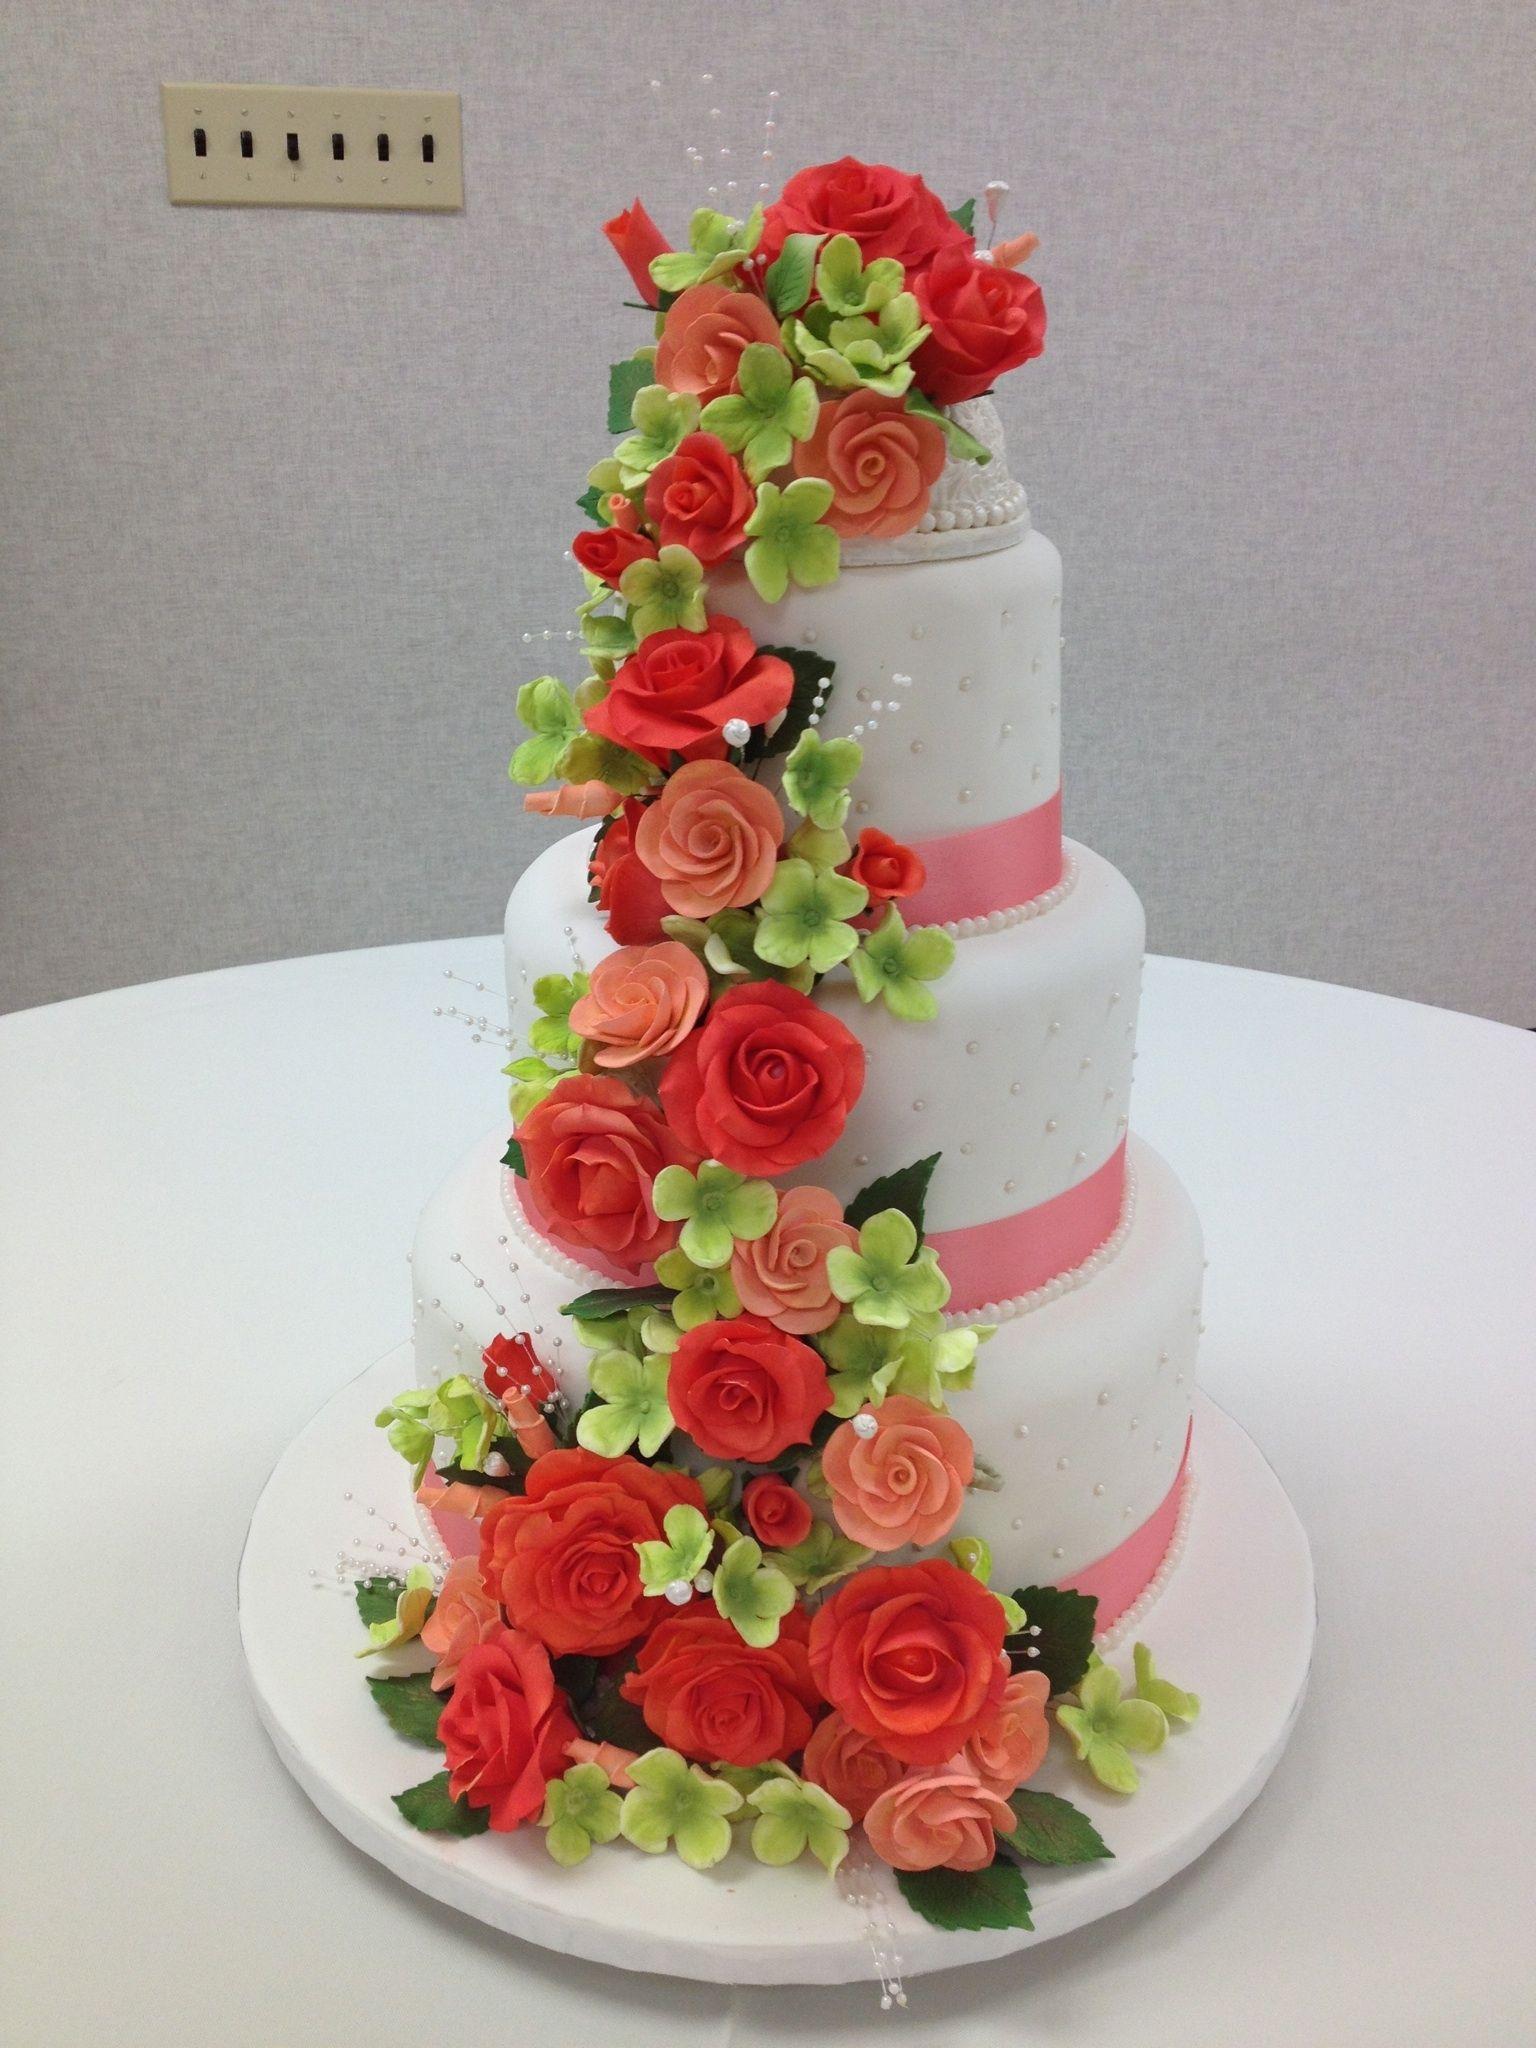 Доставка, как выкладывать каскадом цветы на торт